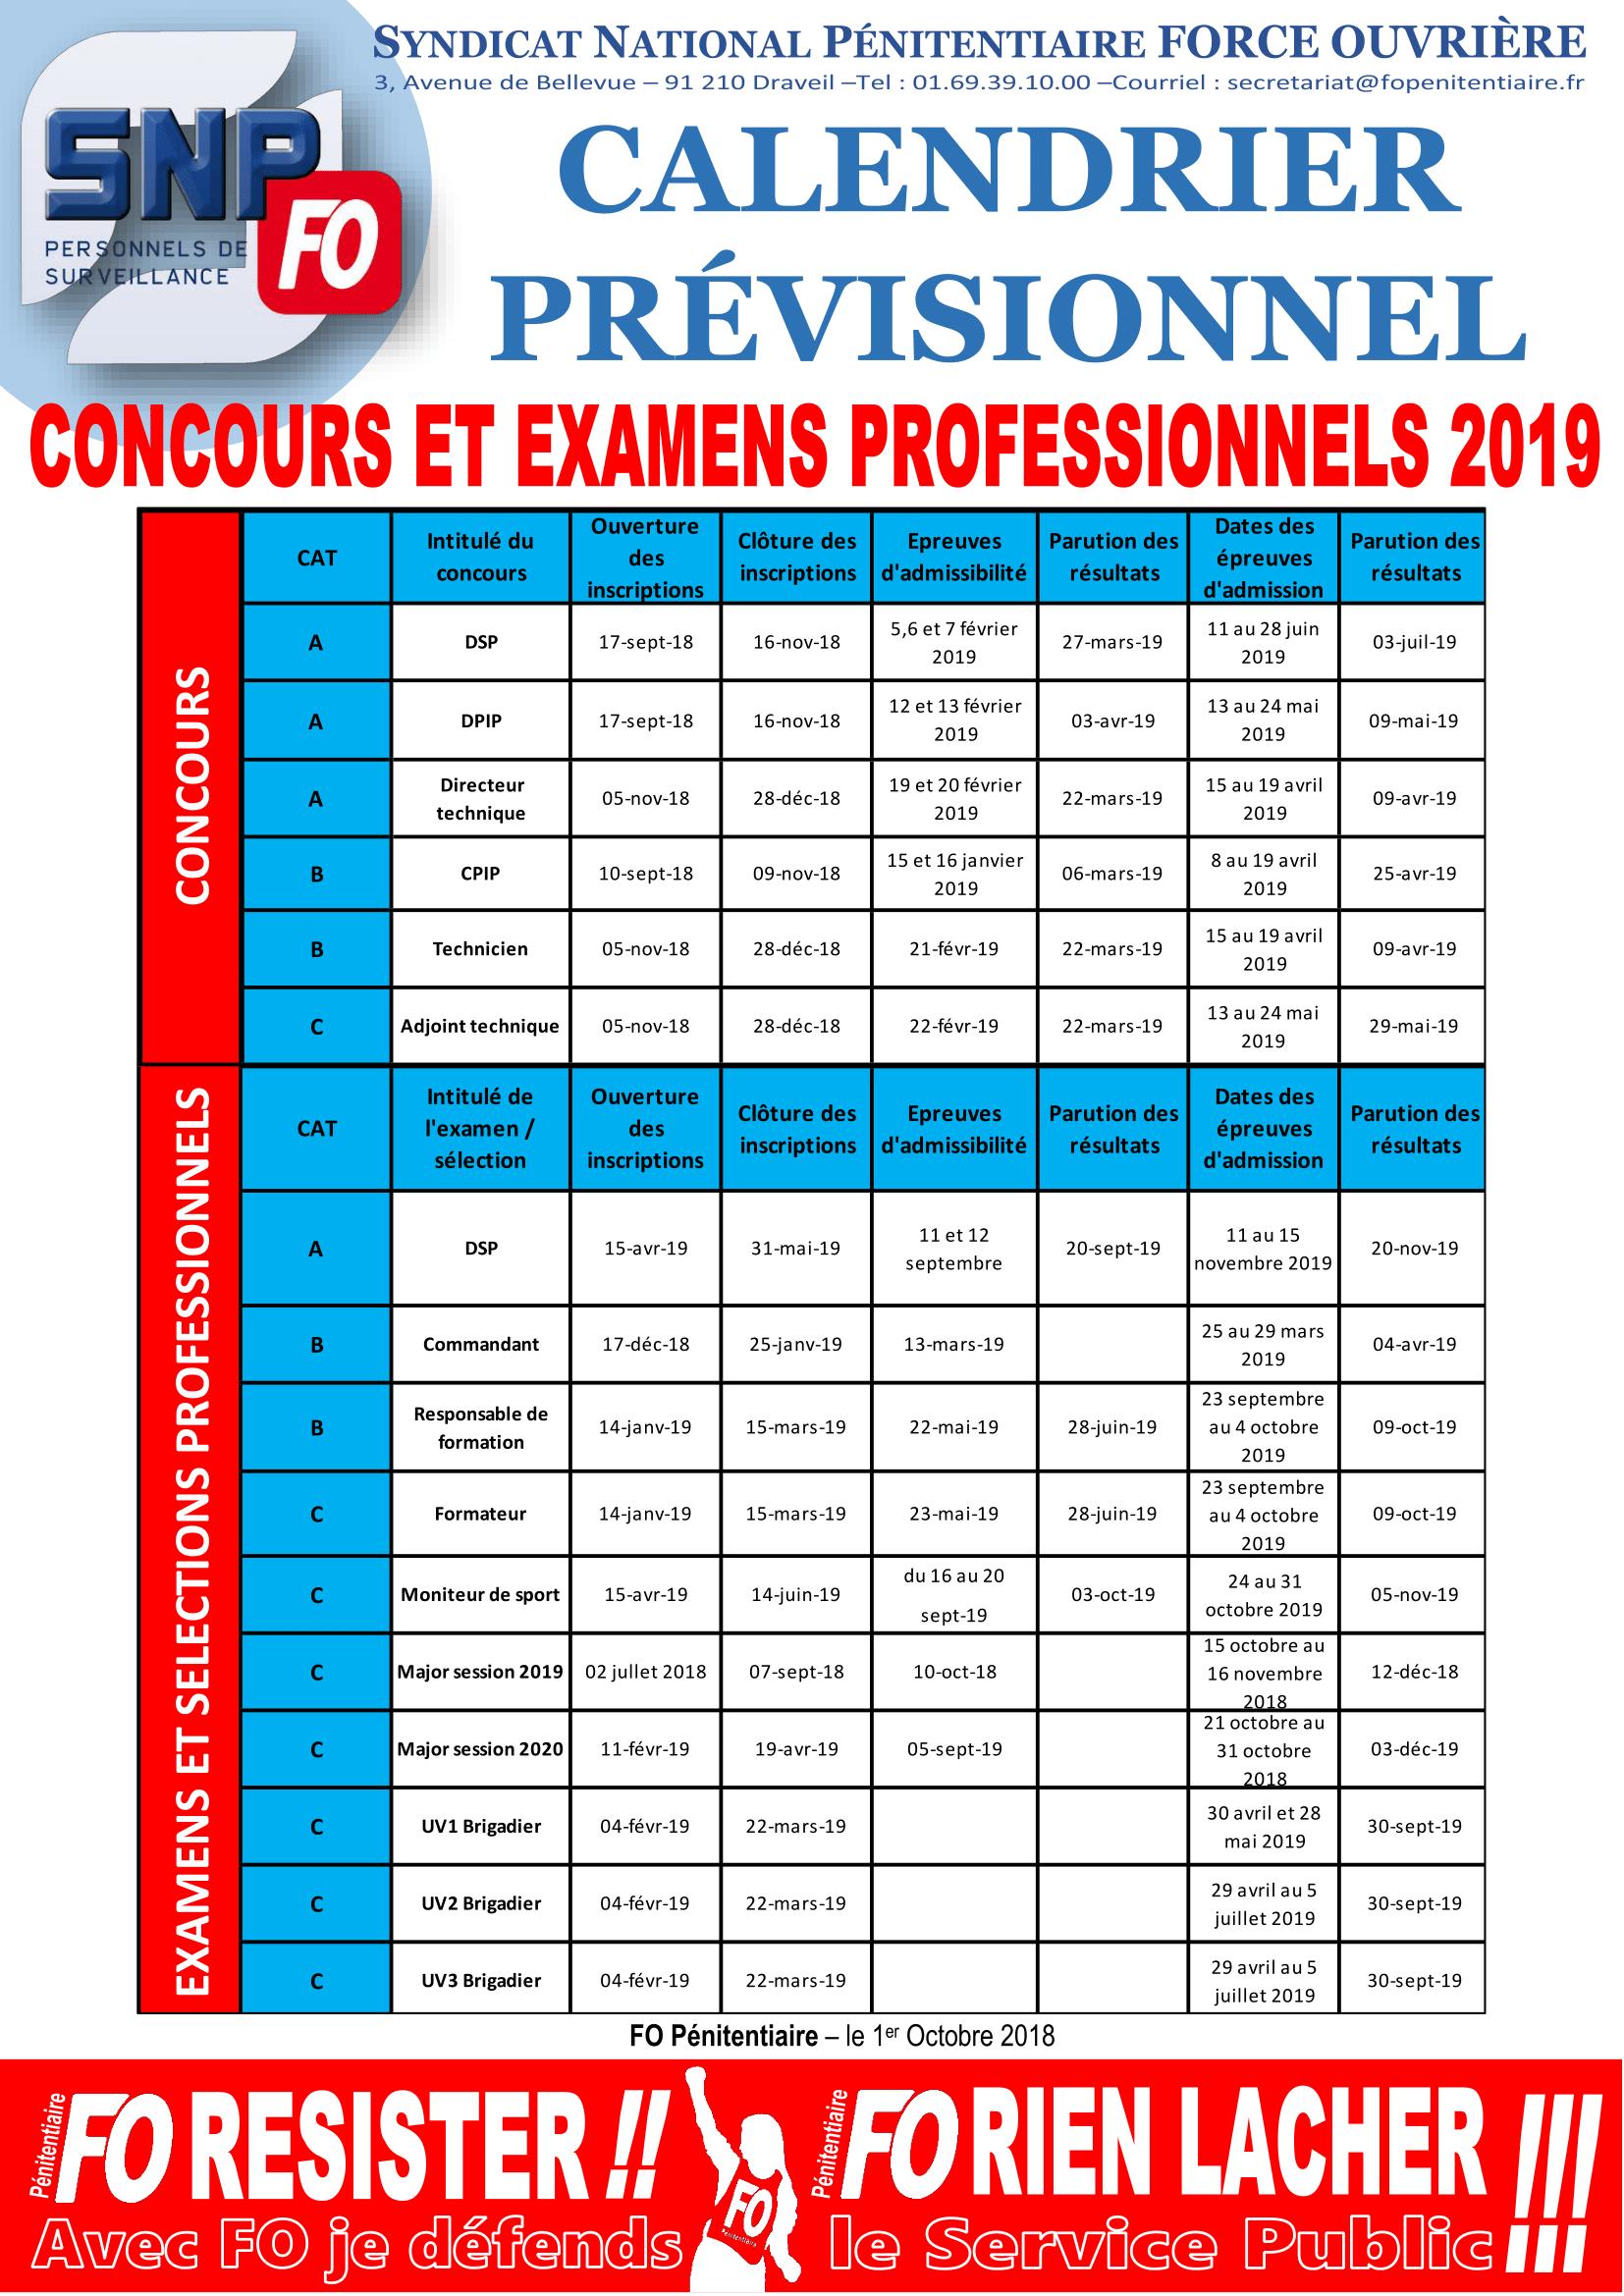 08ede5807a4 20181001 - Communiqué National - Calendrier prévisionnel des concours et  examens professionnels 2019-1